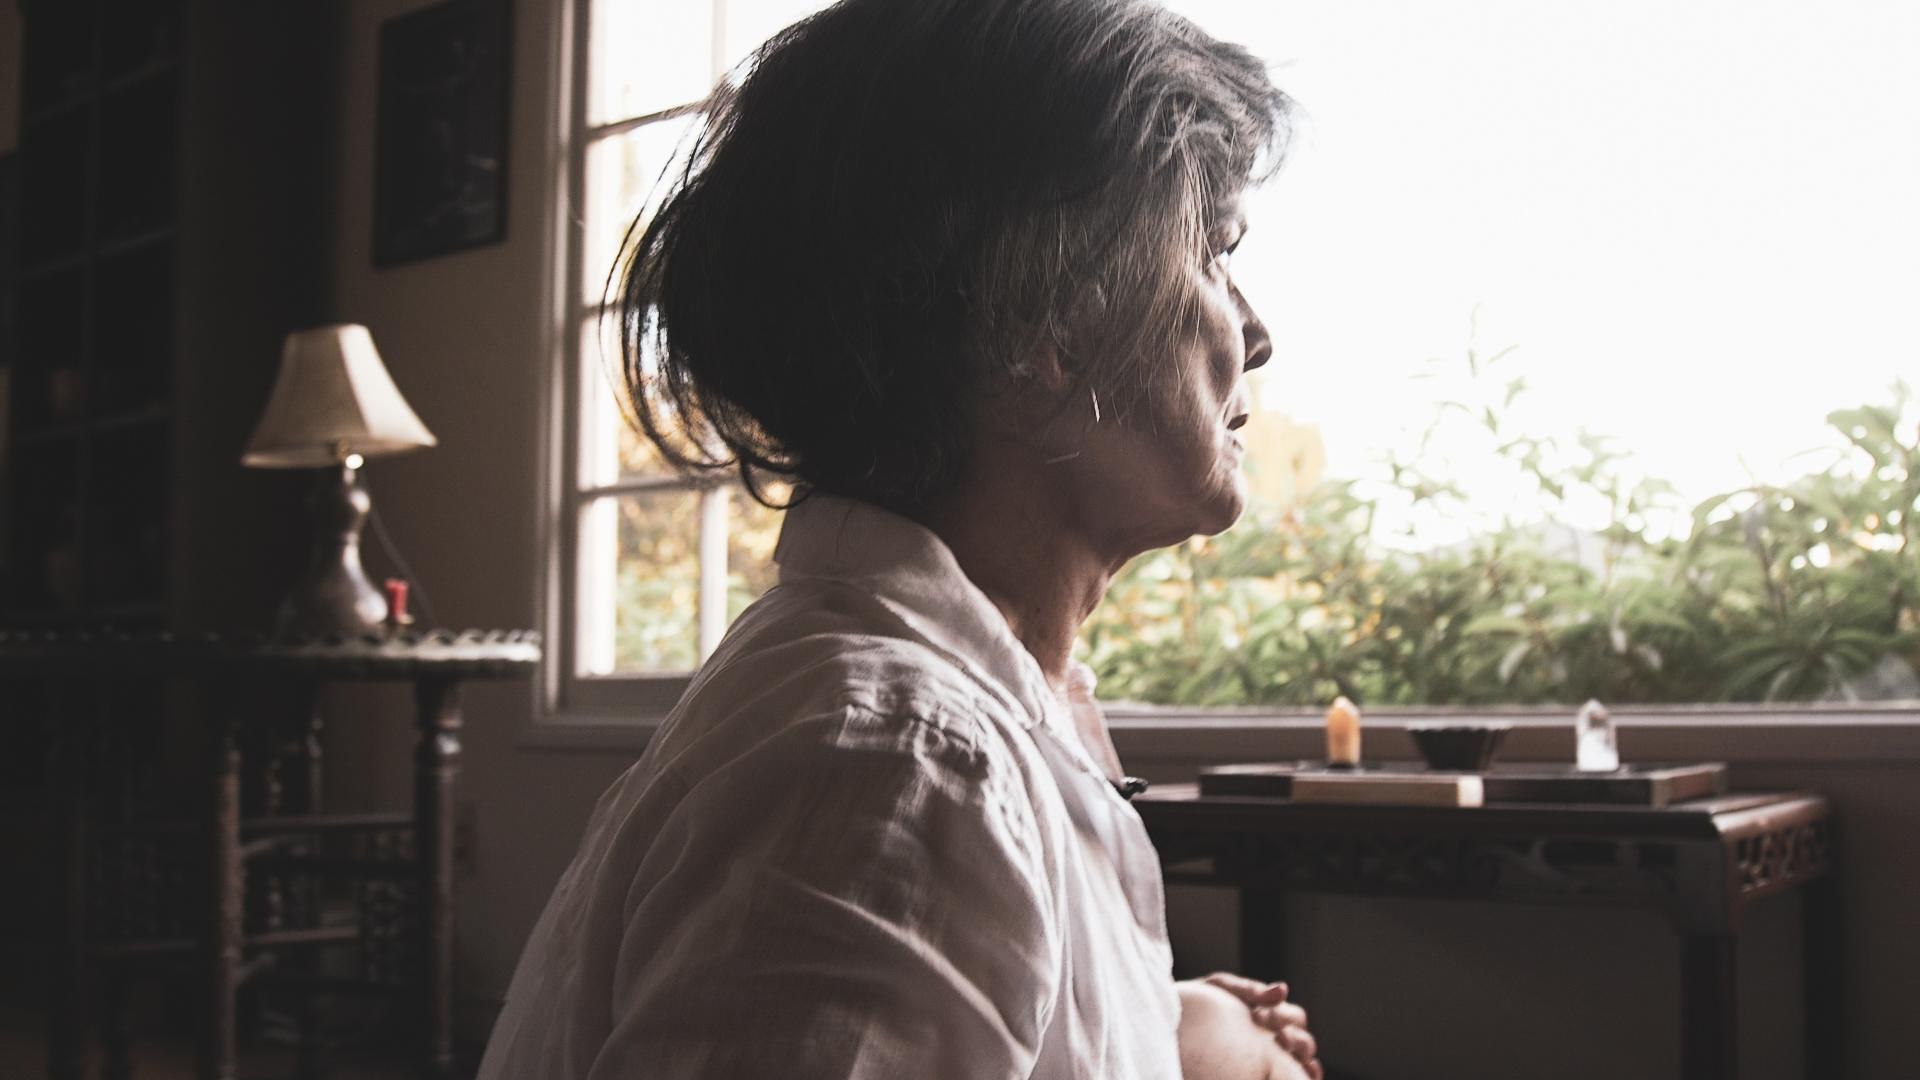 Janet Lott - Age 74